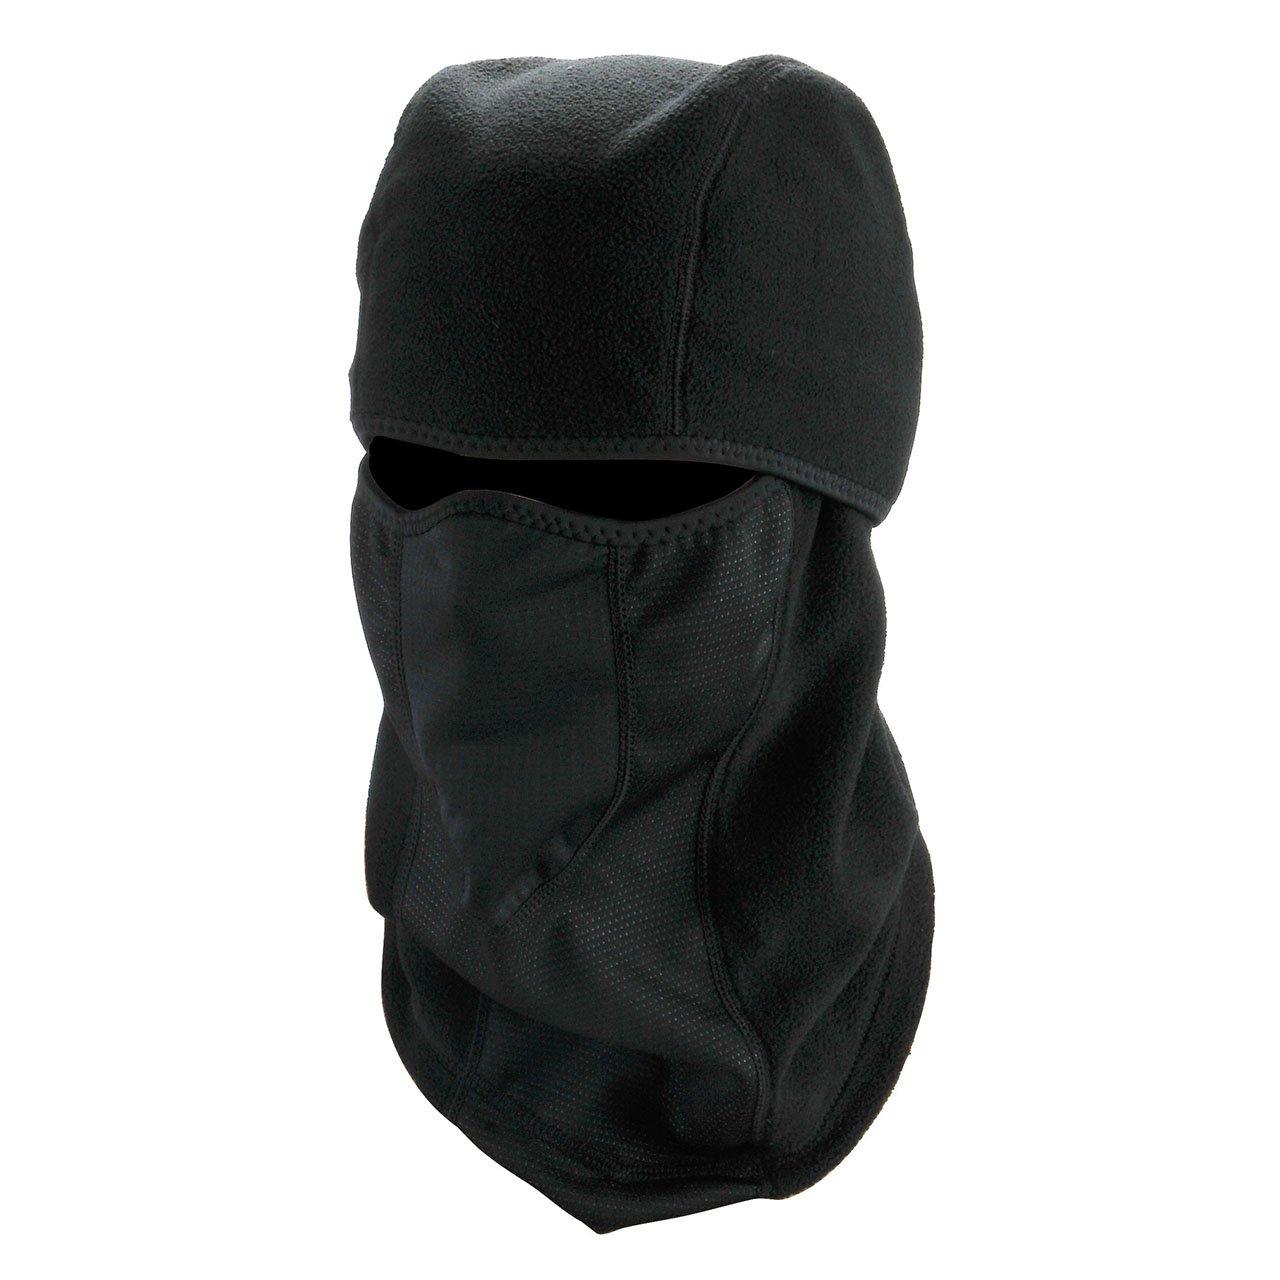 graceme Función motocicleta máscara Pasamontañas de esquí Máscara de esquí Campana Balaclava Negro Pasamontañas cálido verdickung transpirable SODE0075